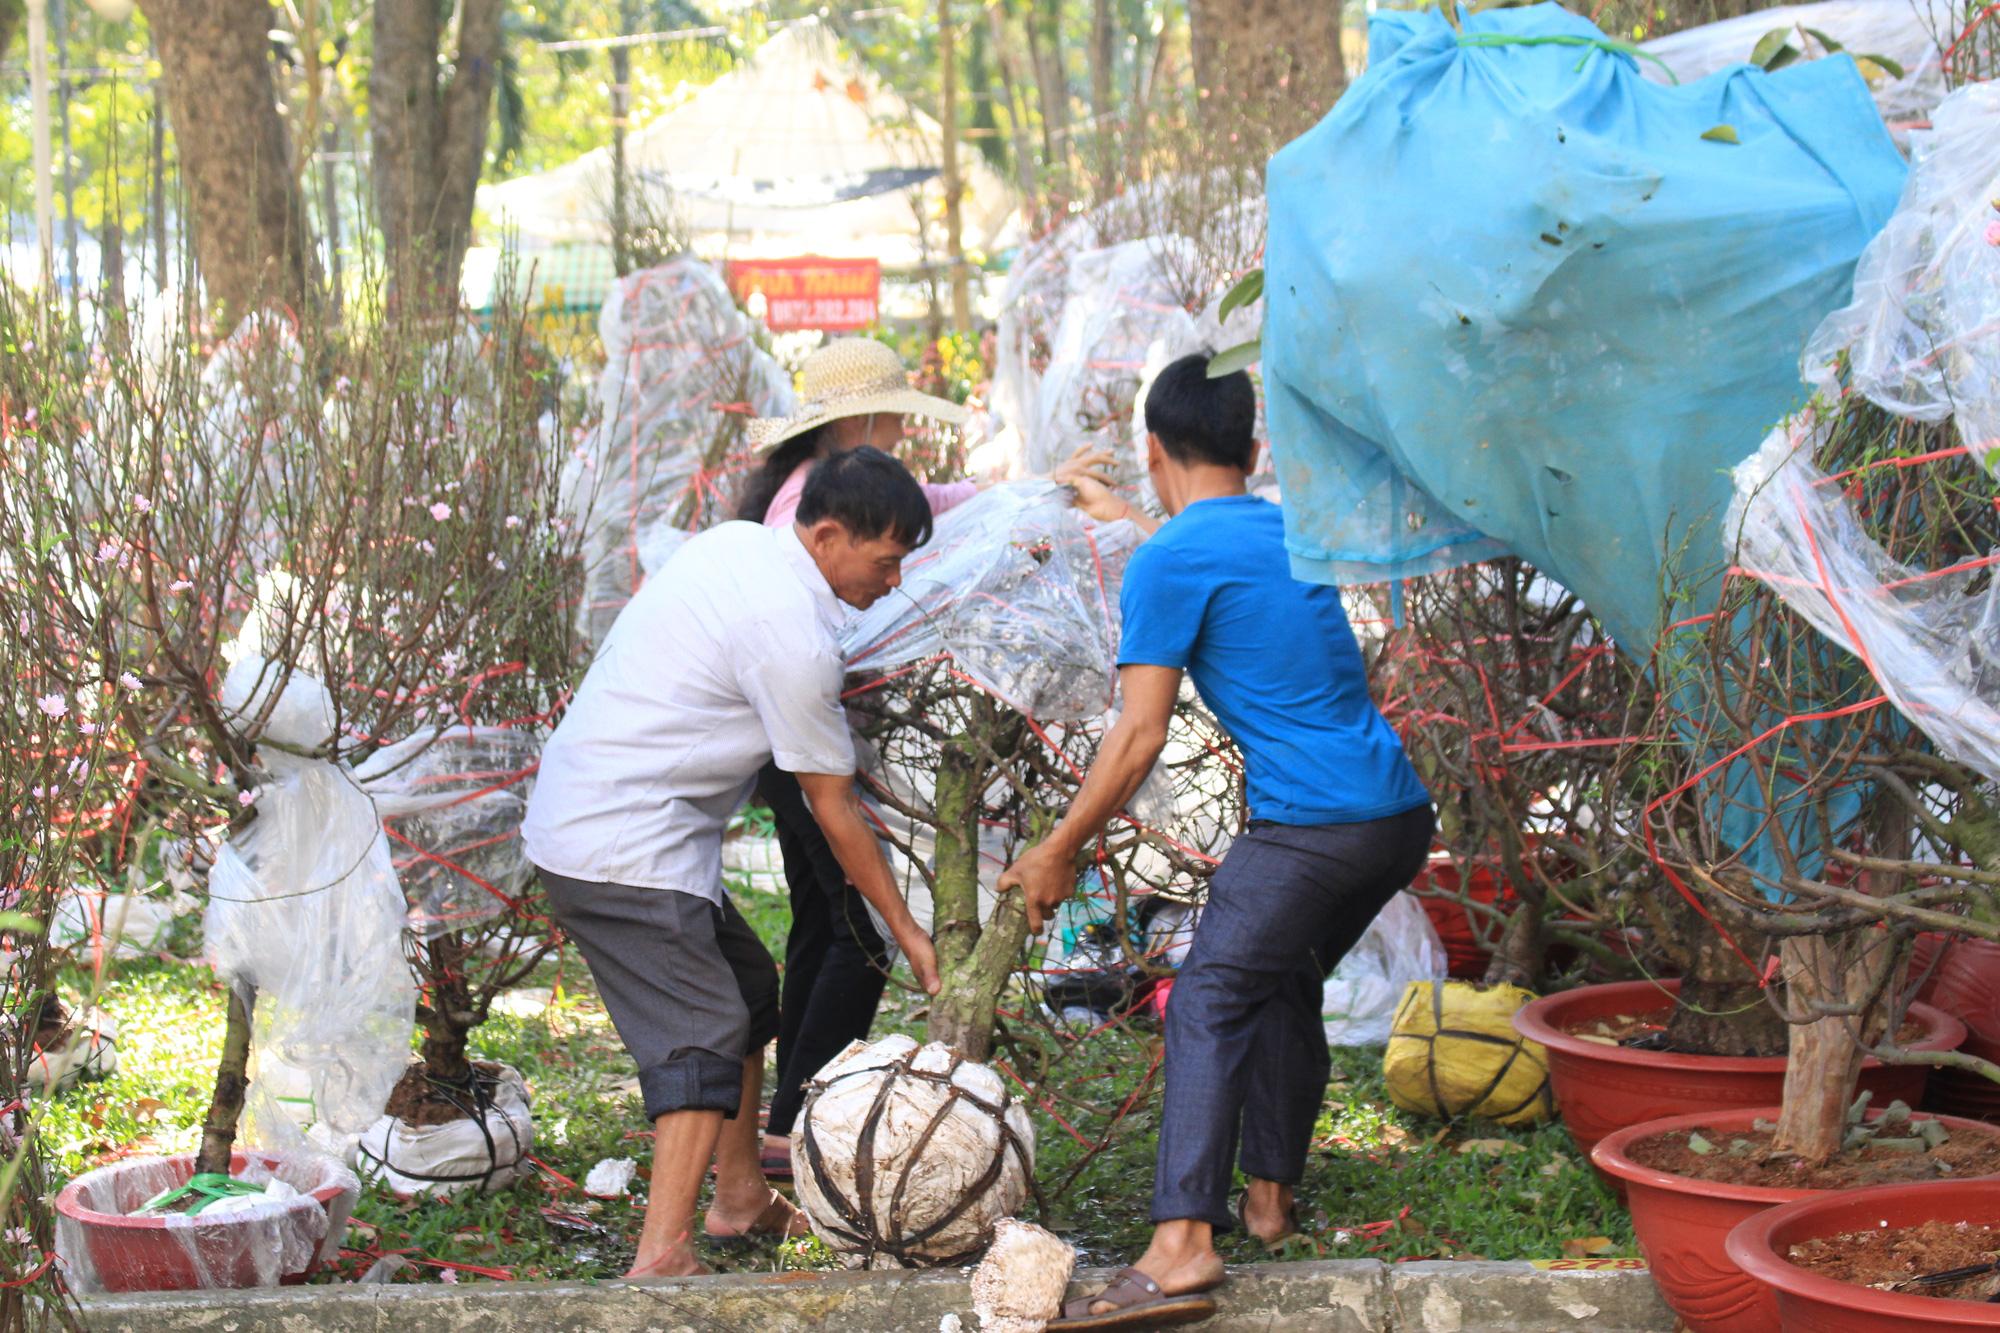 28 Tết, đào Nhật Tân tại chợ hoa Sài Gòn bắt đầu giảm giá, thuận mua vừa bán nên hút khách - Ảnh 10.